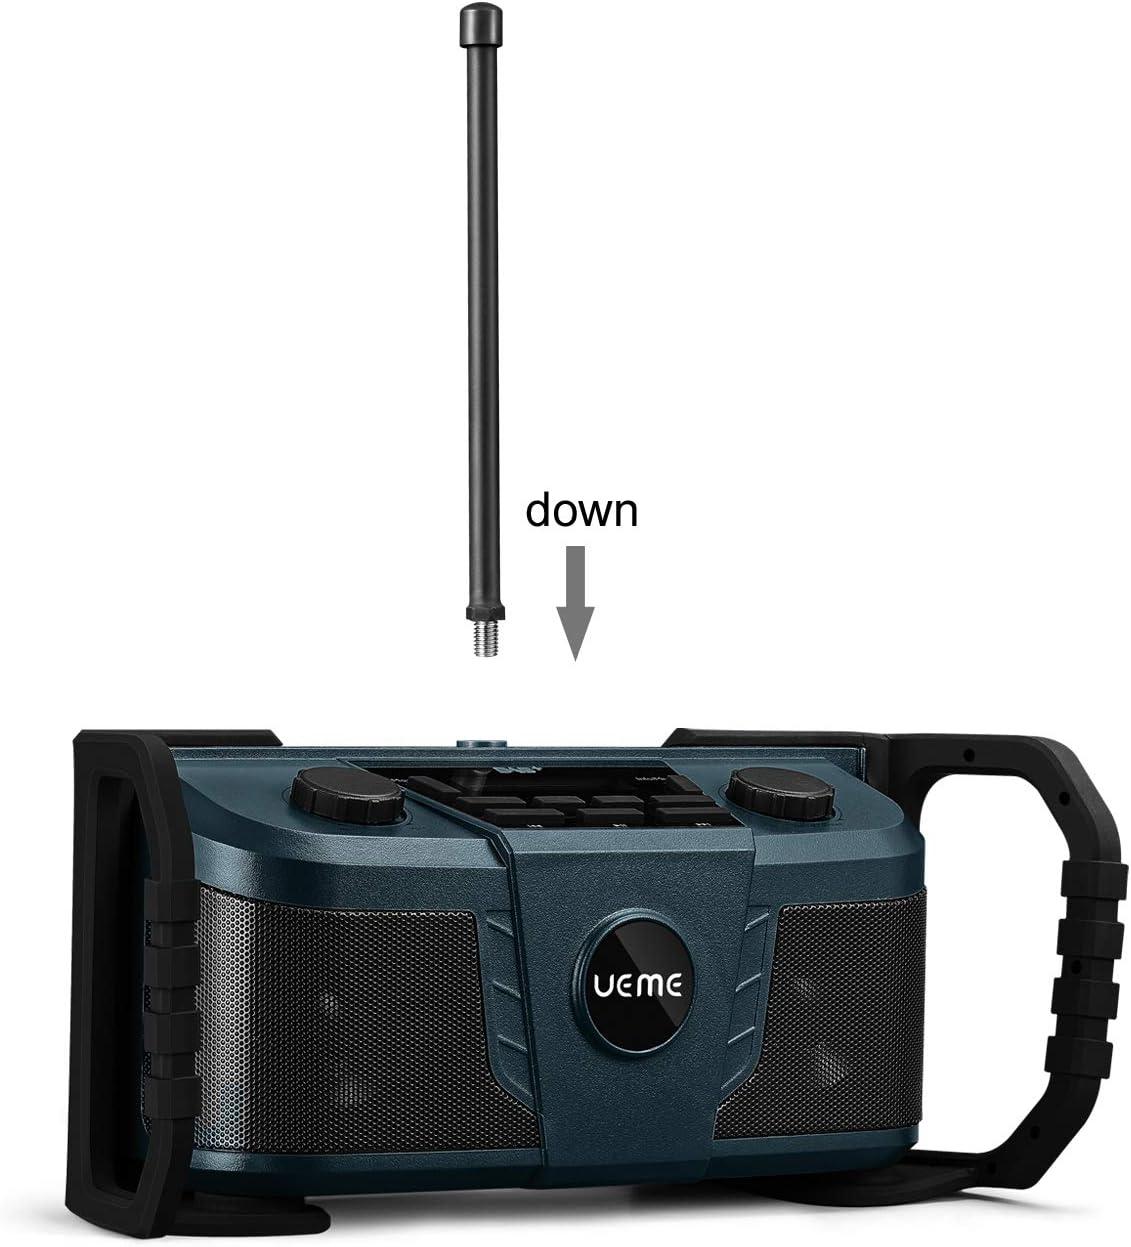 Ueme Baustellenradio Dab Dab Fm Radio Digitalradio Mit Bluetooth Und Wecker Und Dimmer Robustes Dab Plus Radios Db 322 Blau Baumarkt